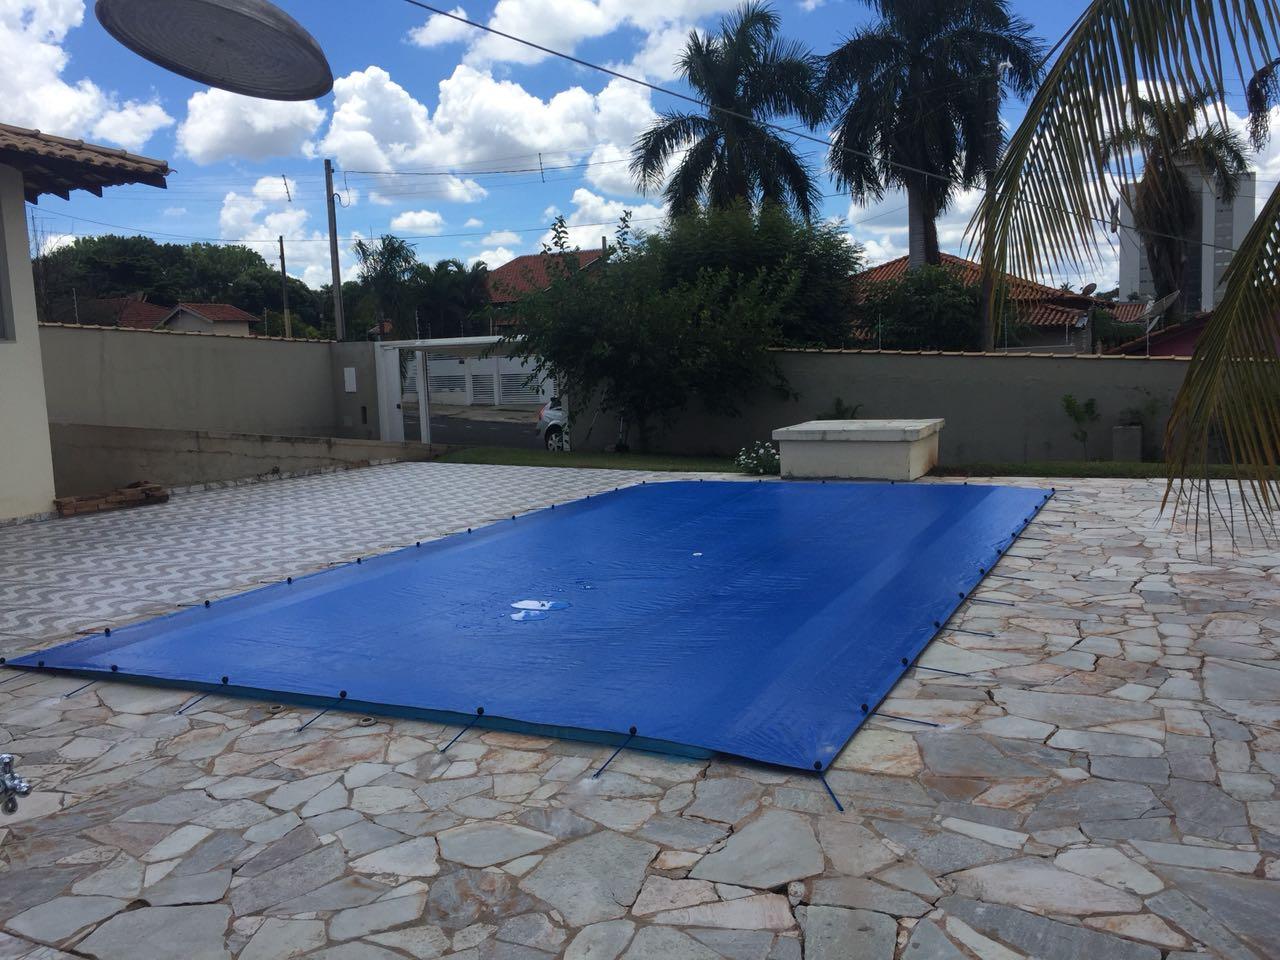 Capa para Piscina Proteção Azul 300 Micras - 5,5x2,5